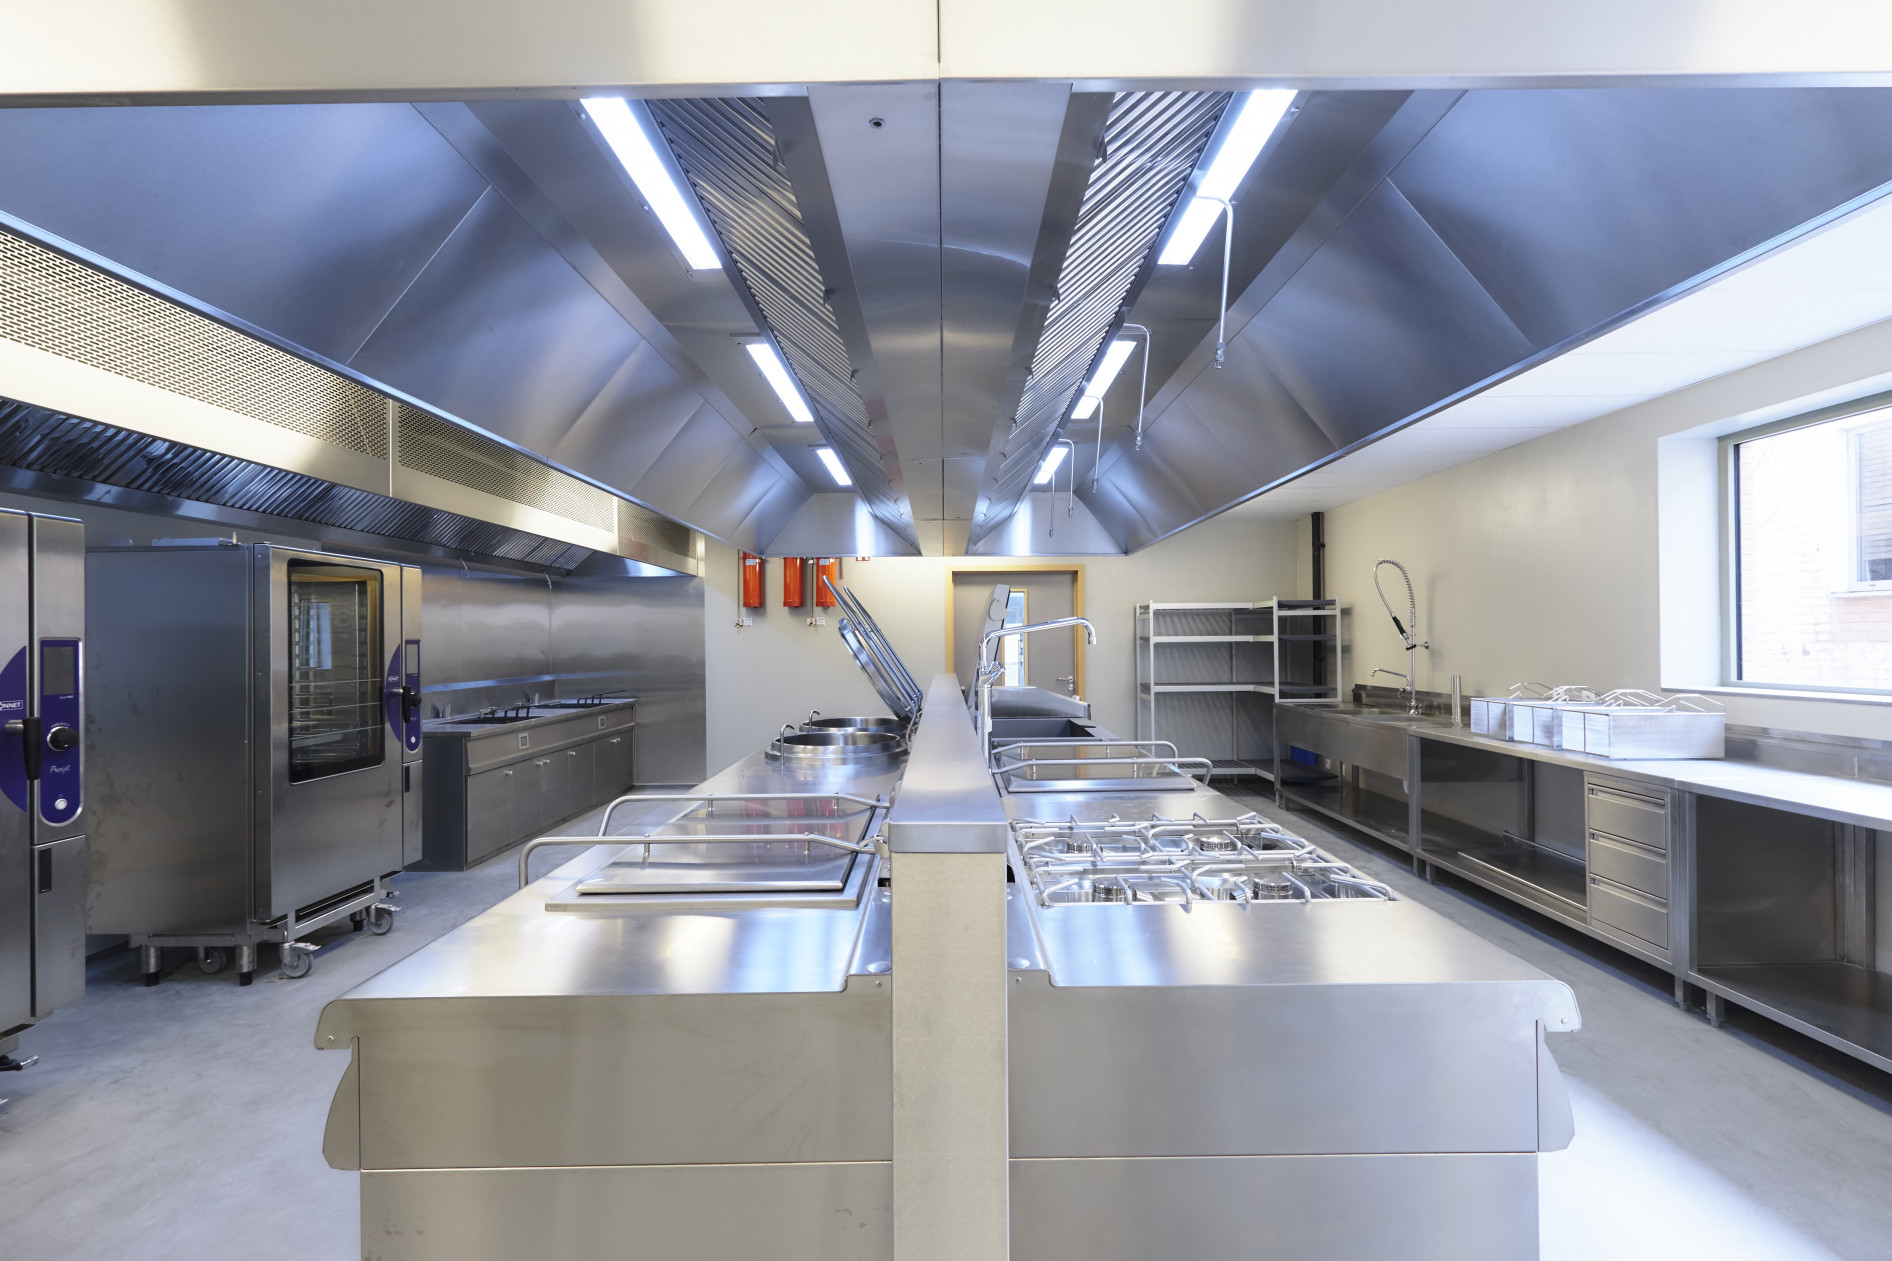 Voor de totale realisatie van de nieuwe keuken, afwaszone en zelfbedieningsrestaurant was CD...